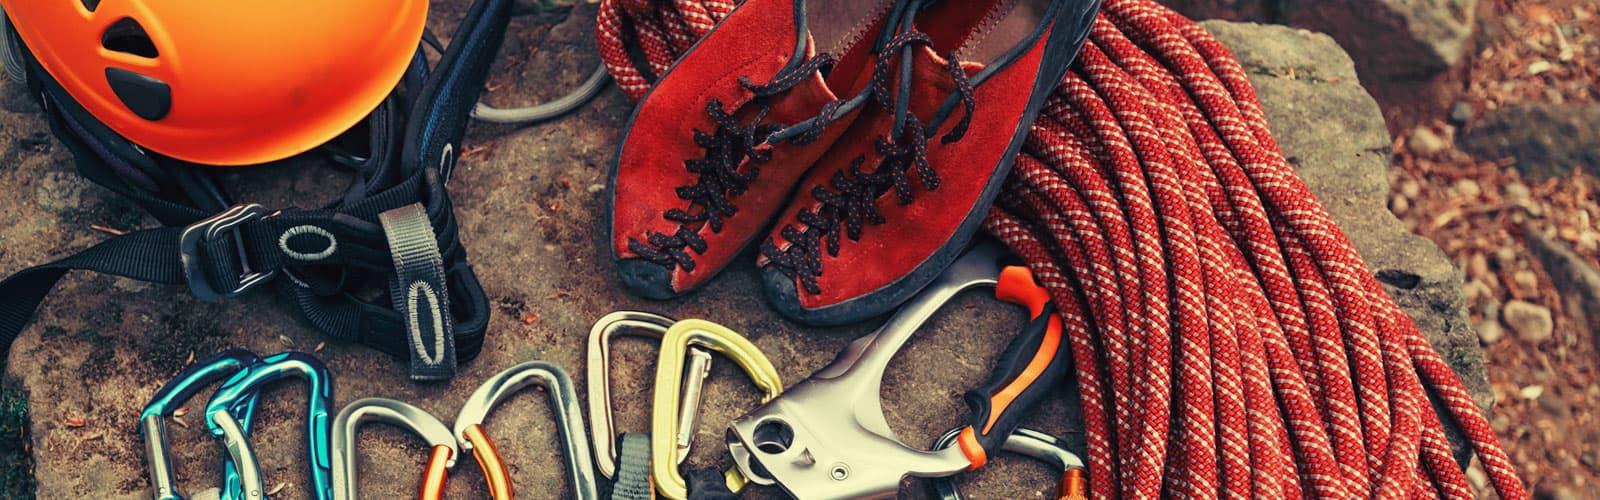 klätterutrustning